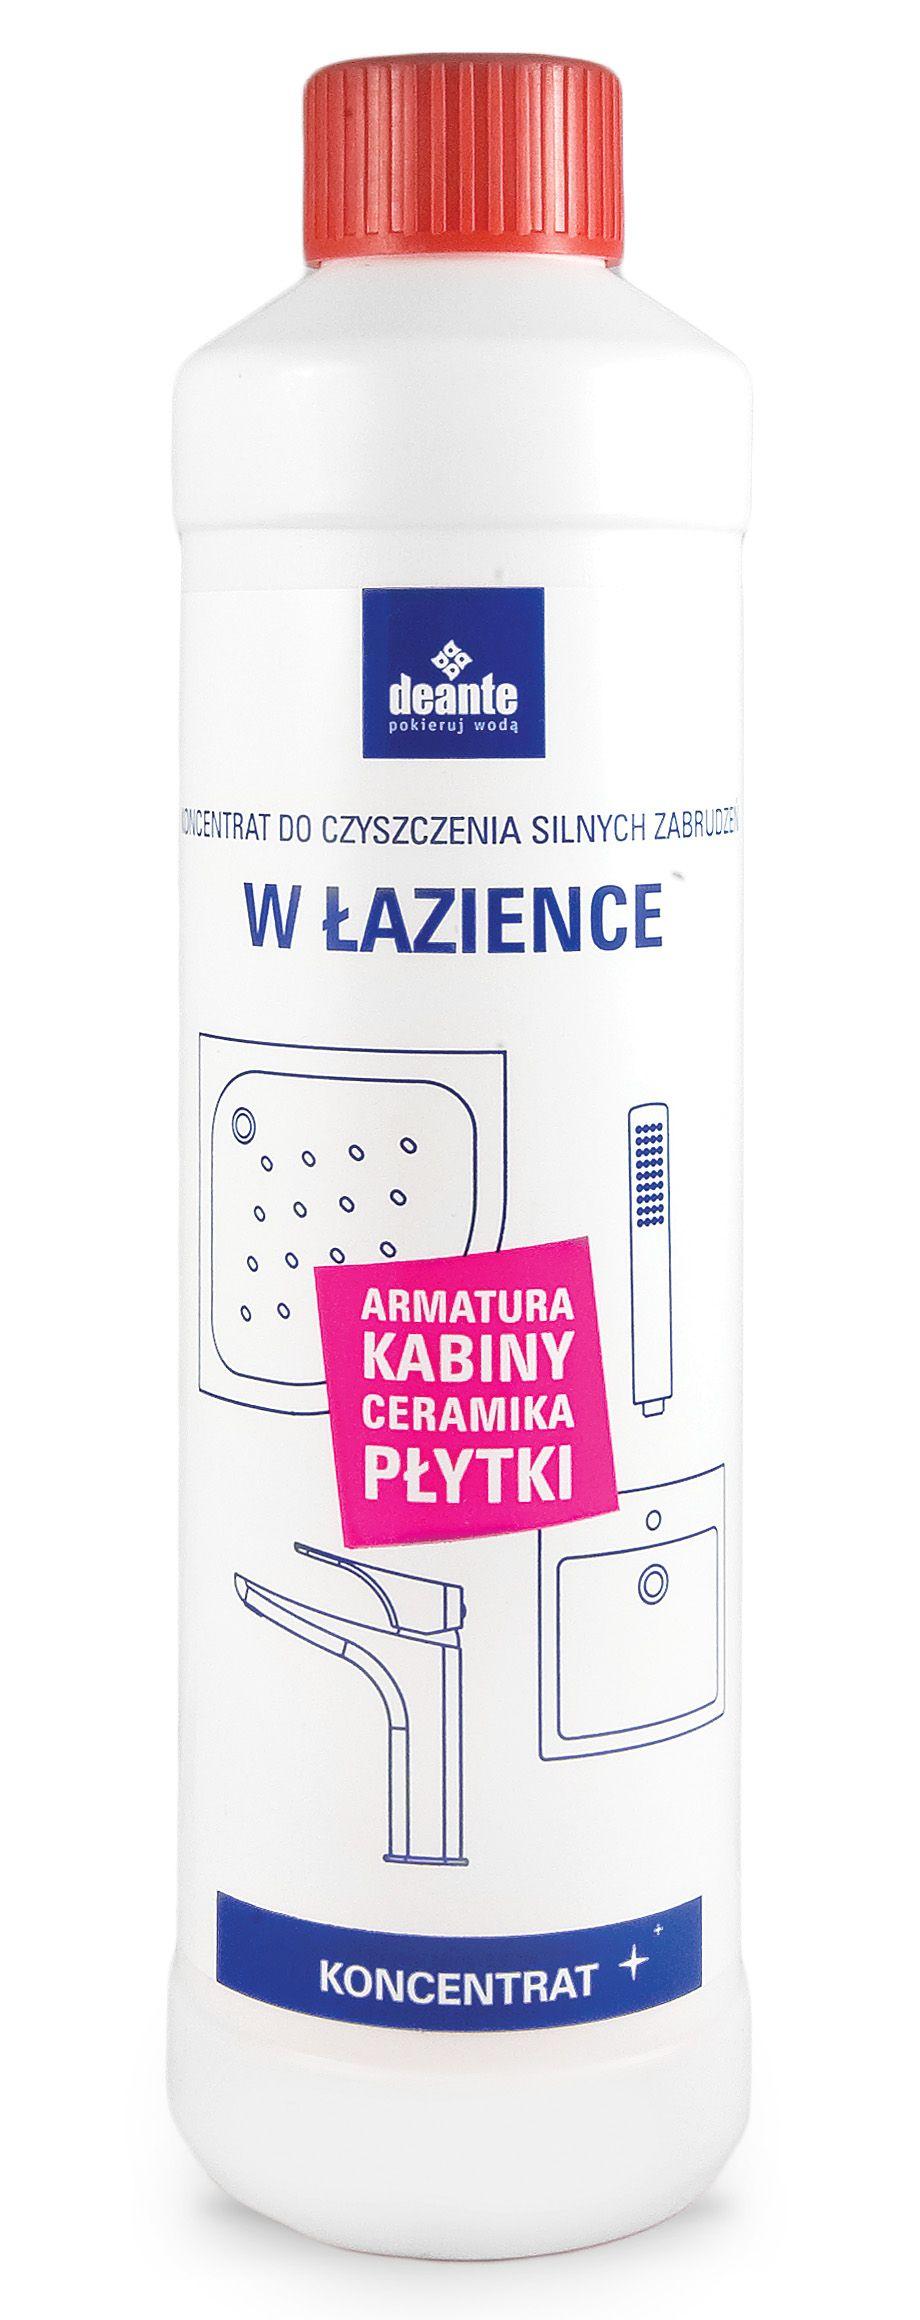 Deante Koncentrat do czyszczenia silnych zabrudzeń w łazience ZZZ_000B